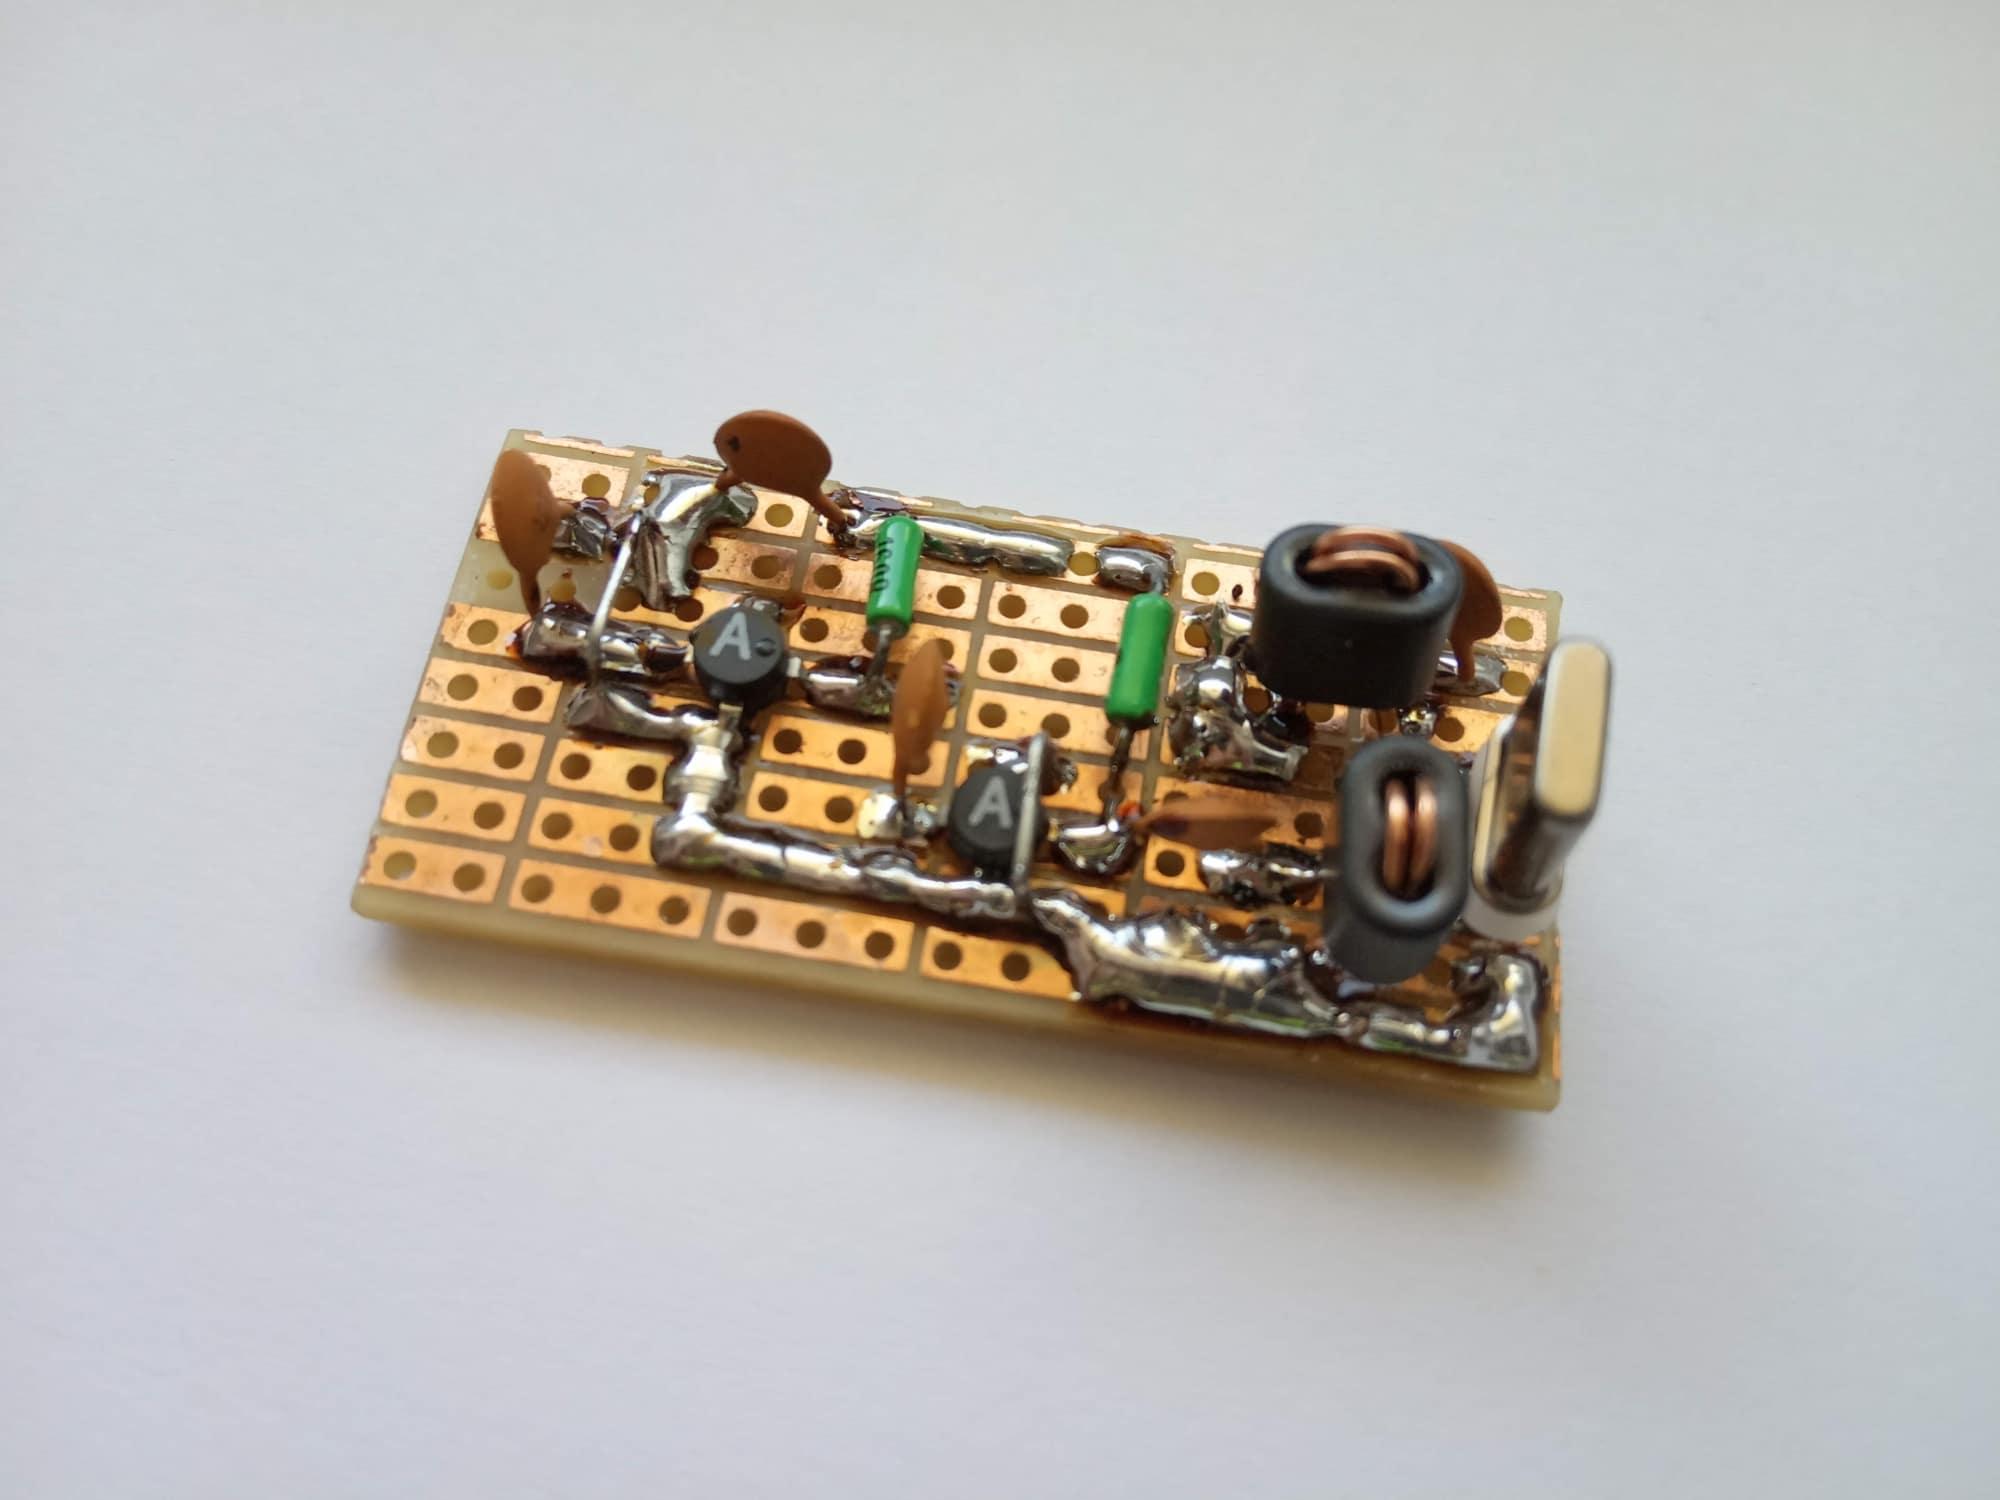 IMD produkty originálne zapojenie uBITX